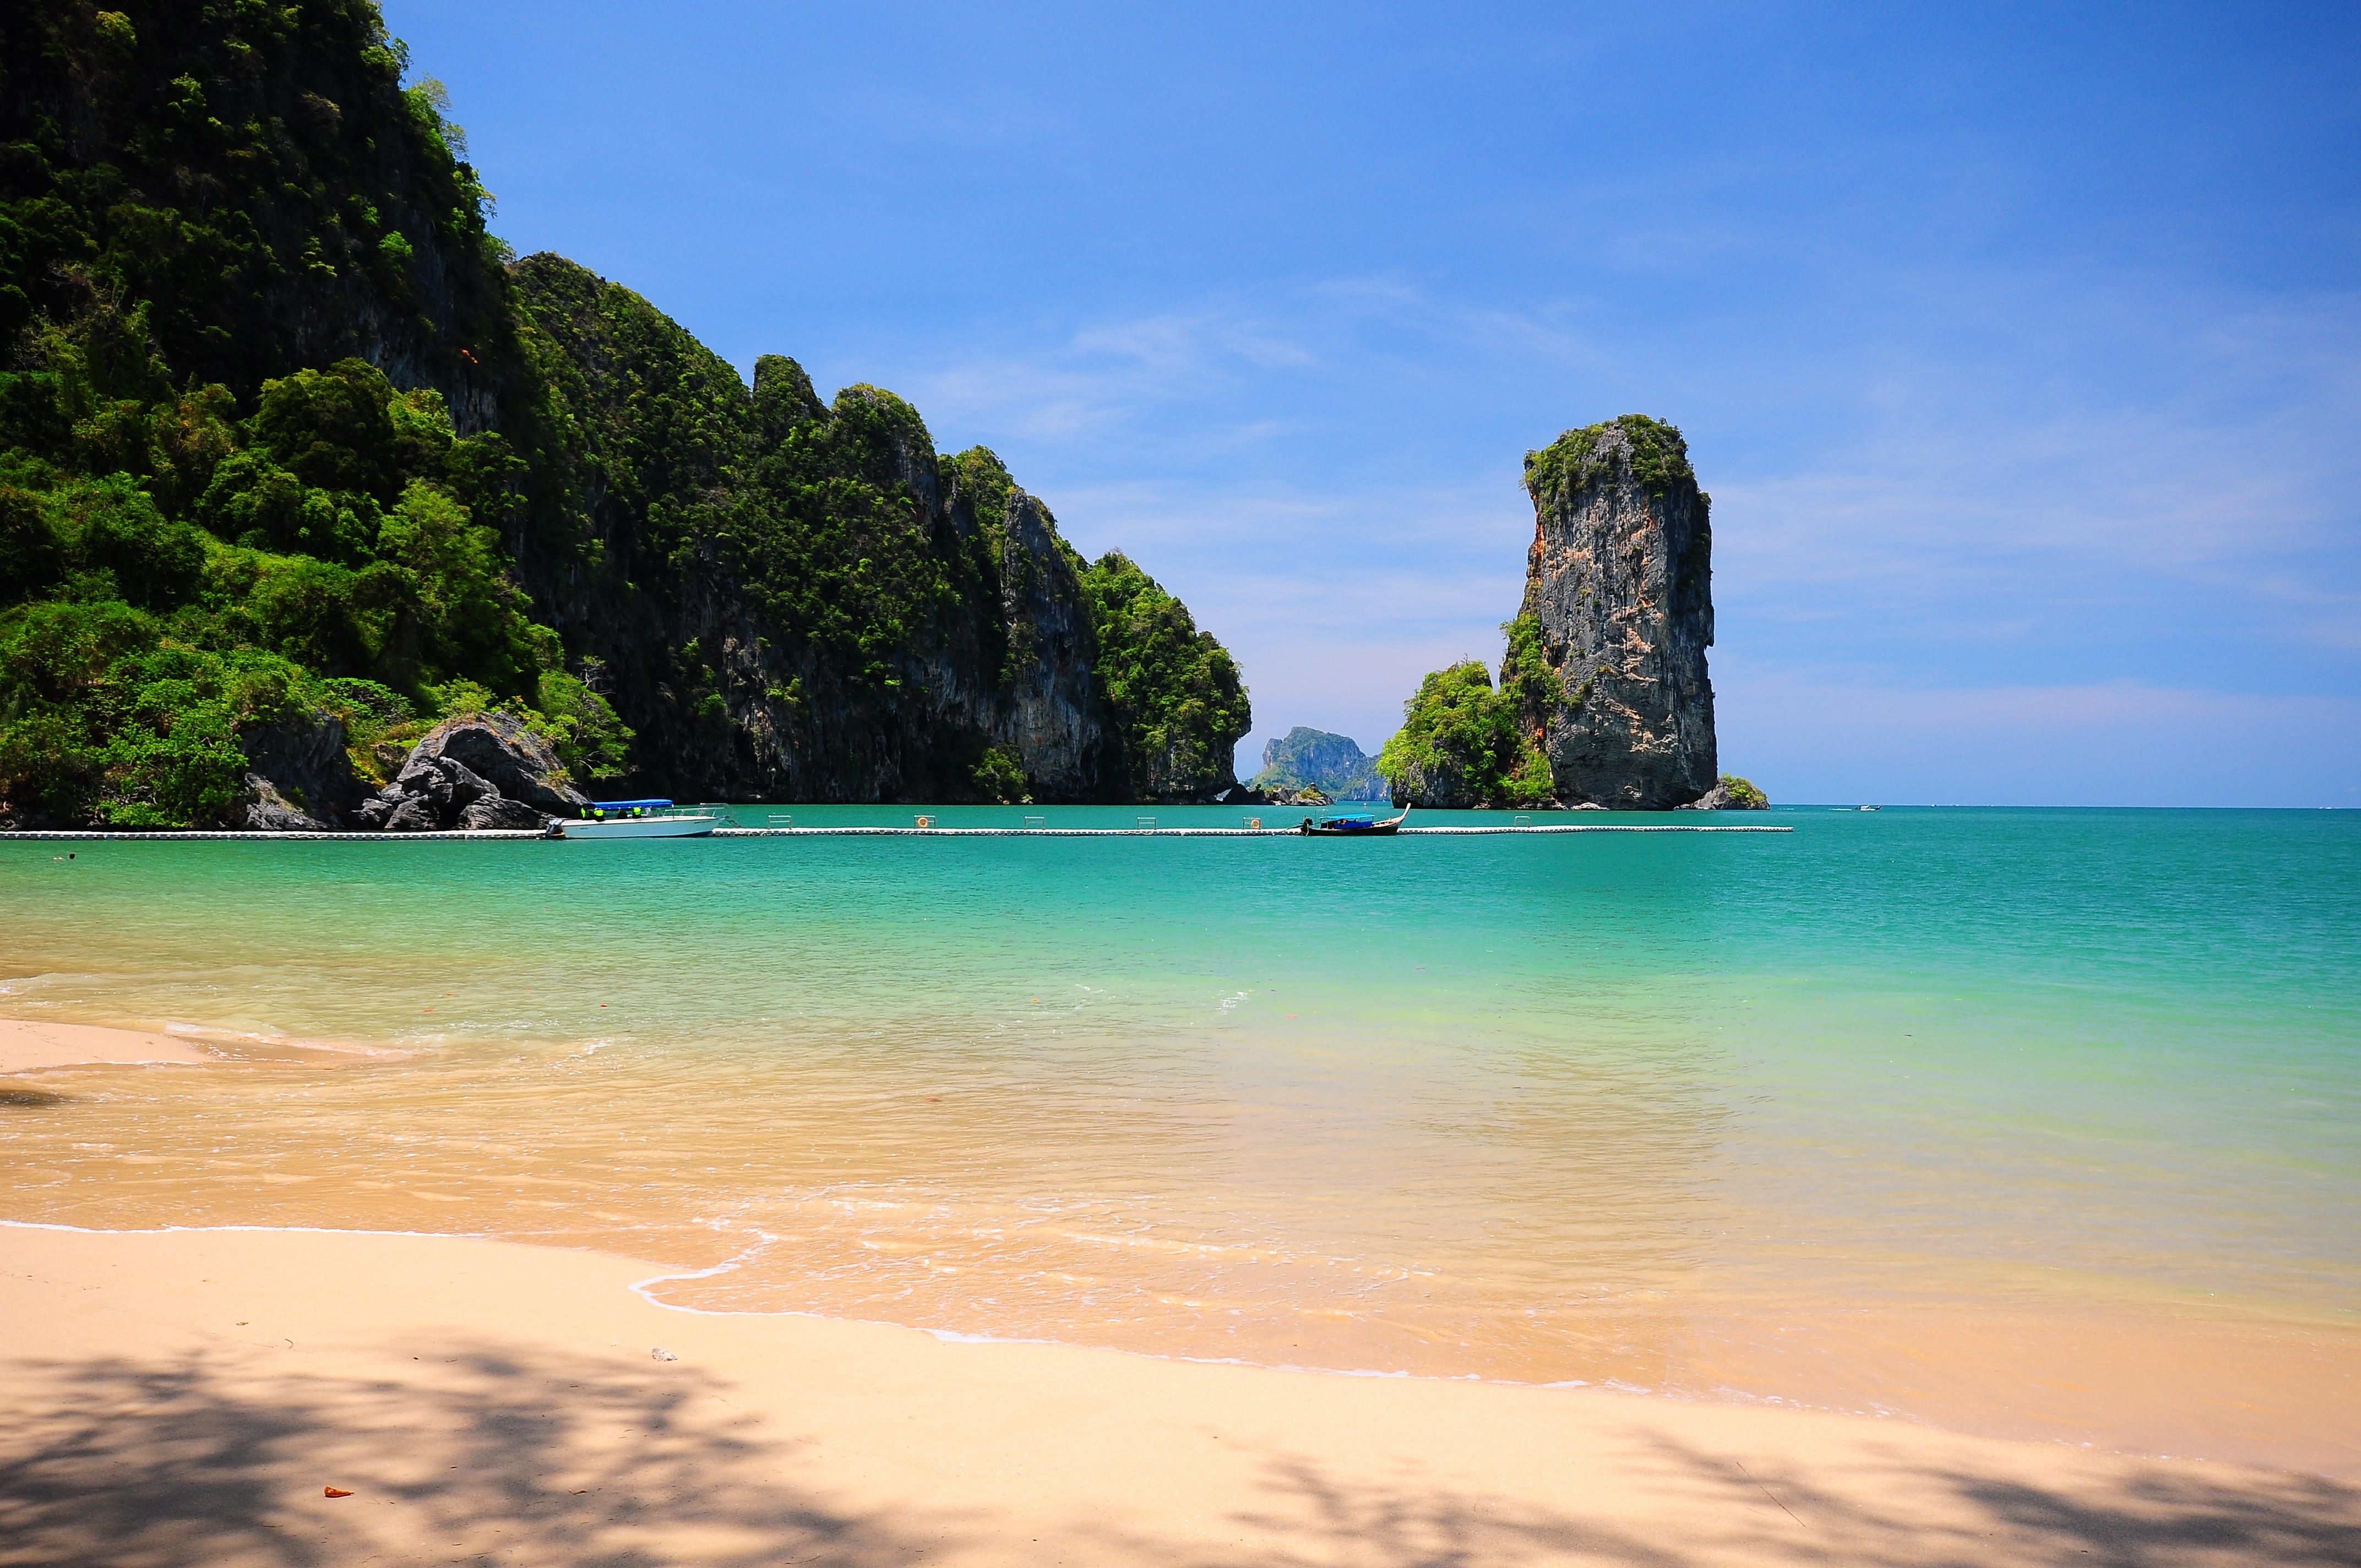 Ao Phai Plong Krabi; things to do in Krabi